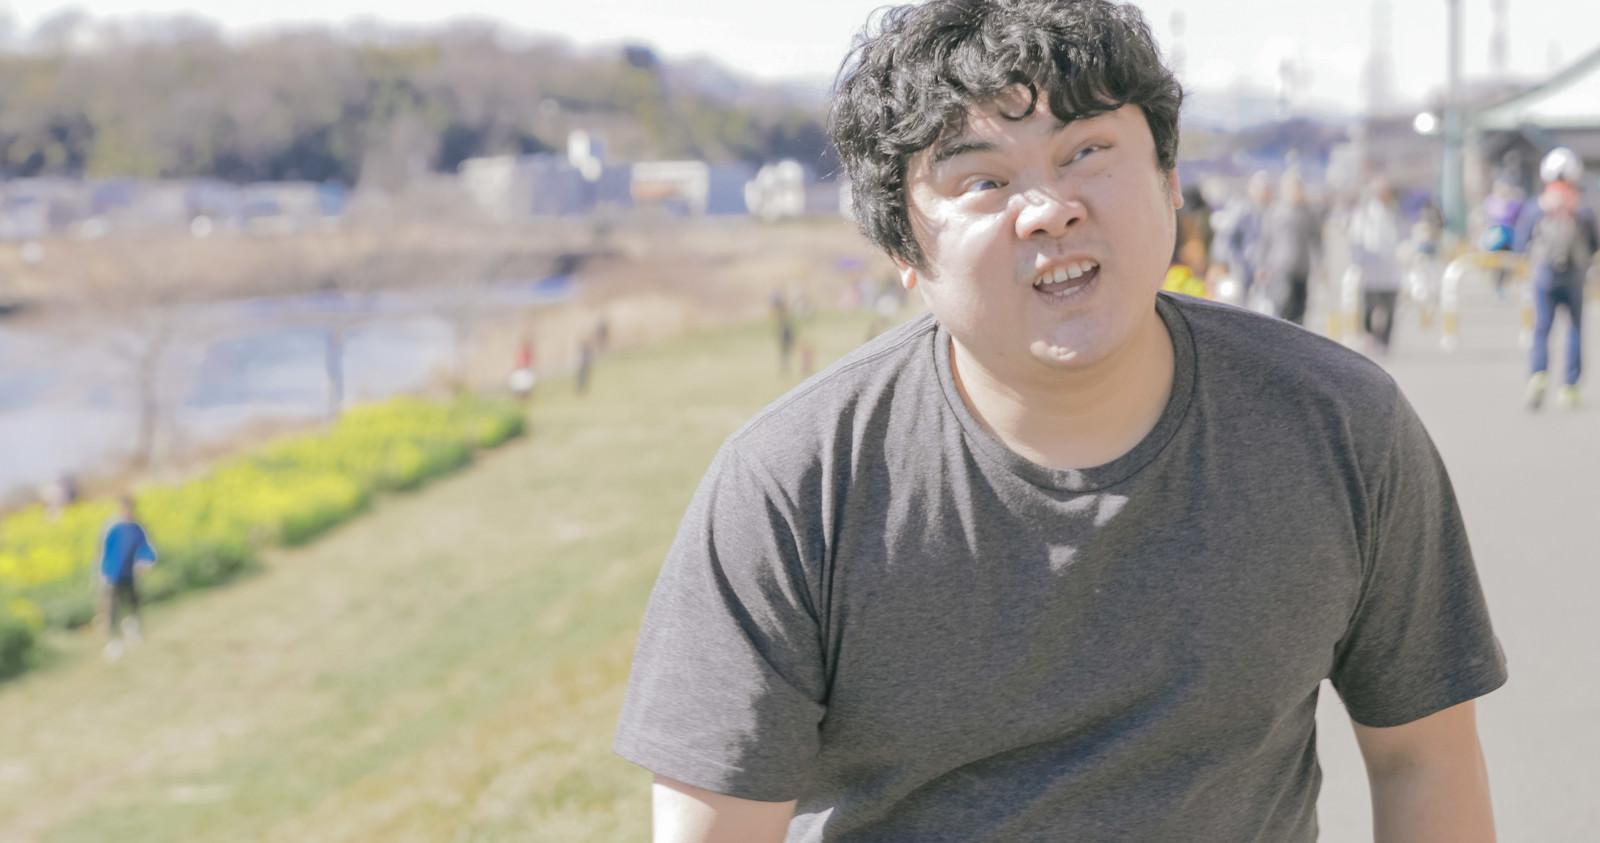 「ダイエットで河川敷を走ってみた結果ダイエットで河川敷を走ってみた結果」[モデル:段田隼人]のフリー写真素材を拡大